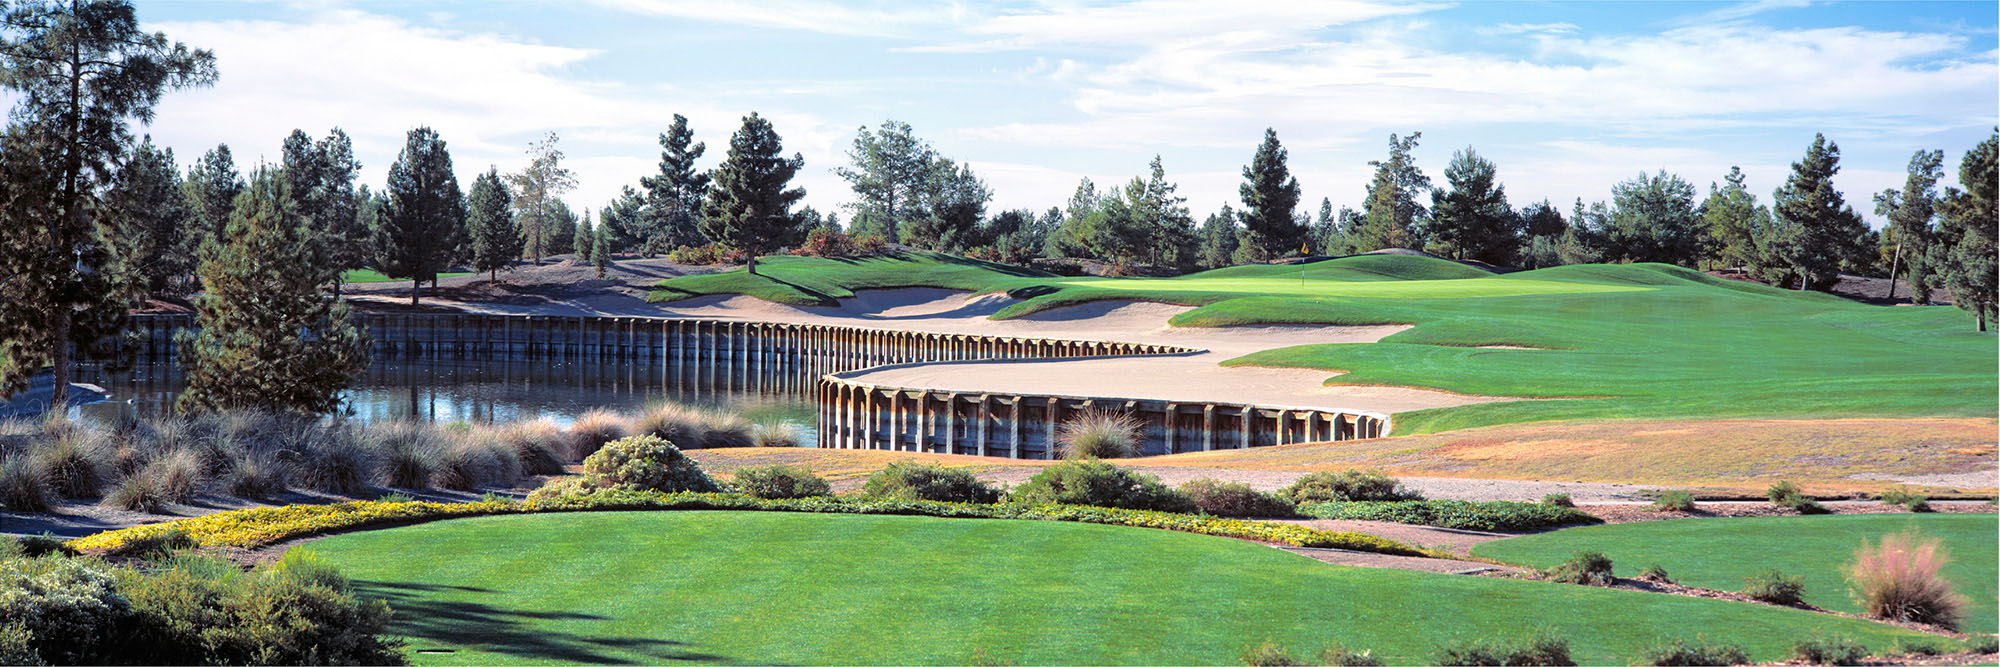 Golf Course Image - Raven South Mountain No. 7